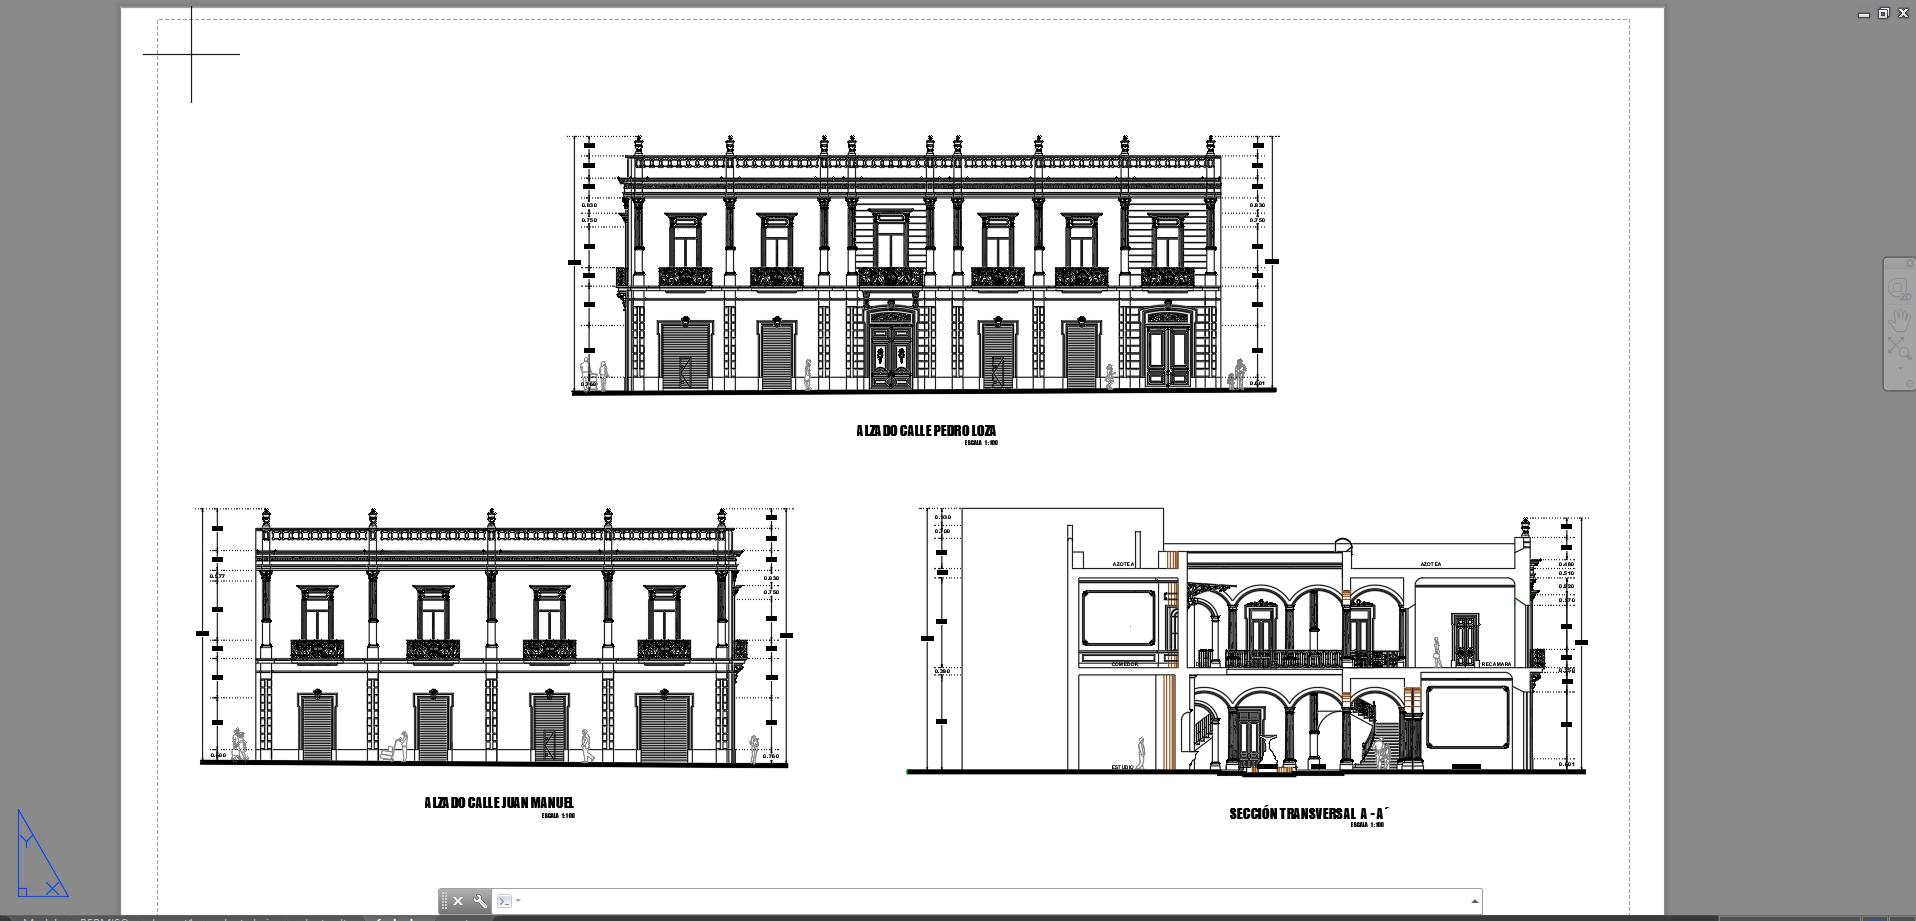 Descarga gratis hotel galeria archivos y documentos en for Planos de arquitectura pdf